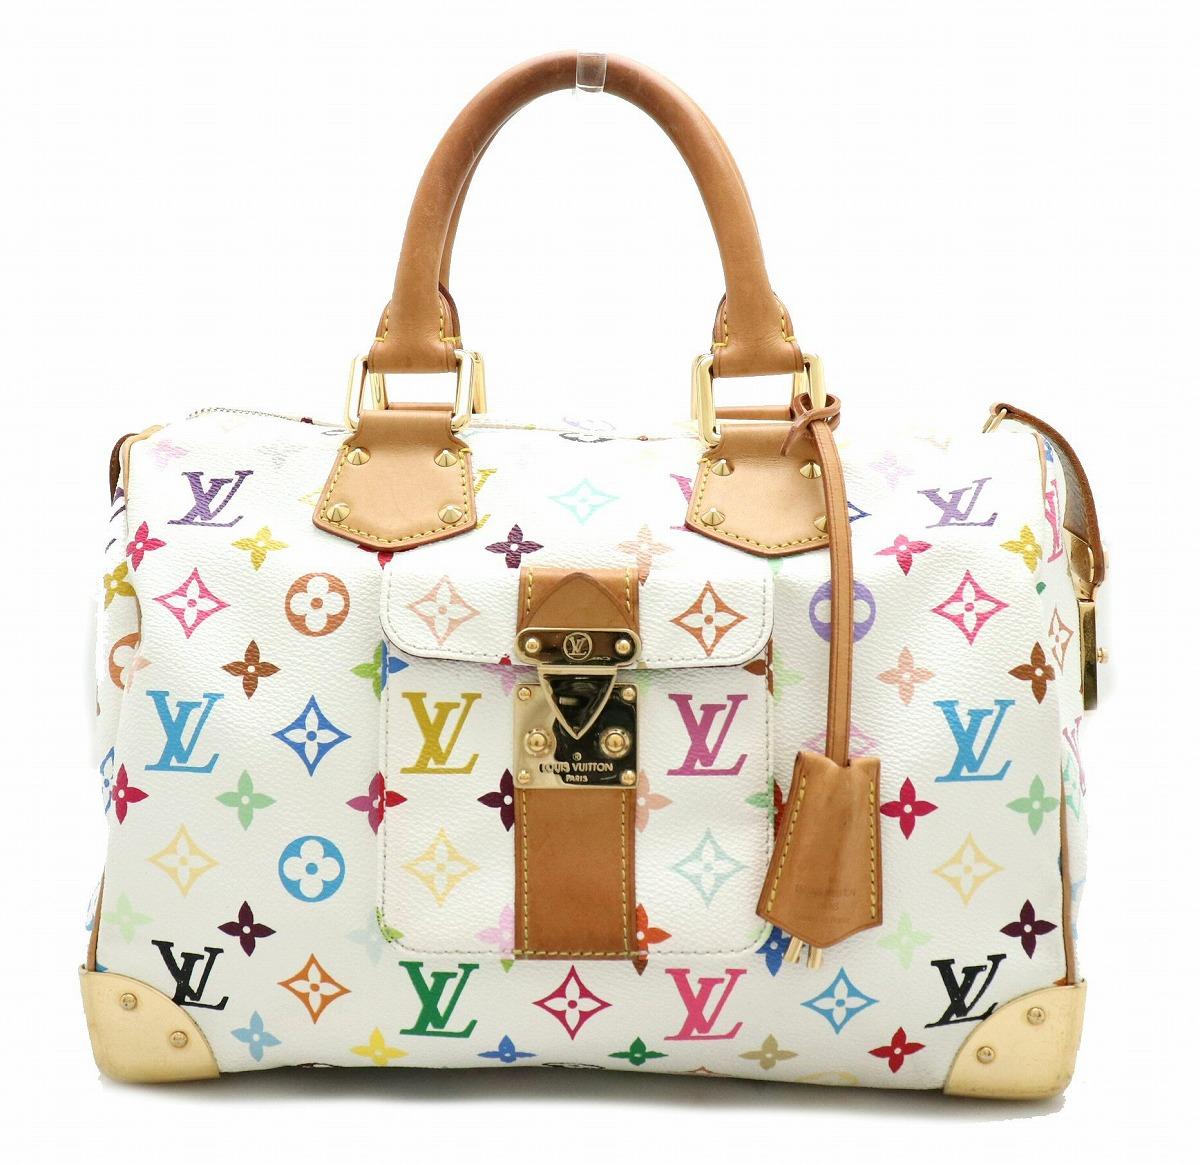 【バッグ】LOUIS VUITTON ルイ ヴィトン モノグラムマルチカラー スピーディ30 ハンドバッグ ミニボストンバッグ ブロン 白 ホワイト M92643 【中古】【k】